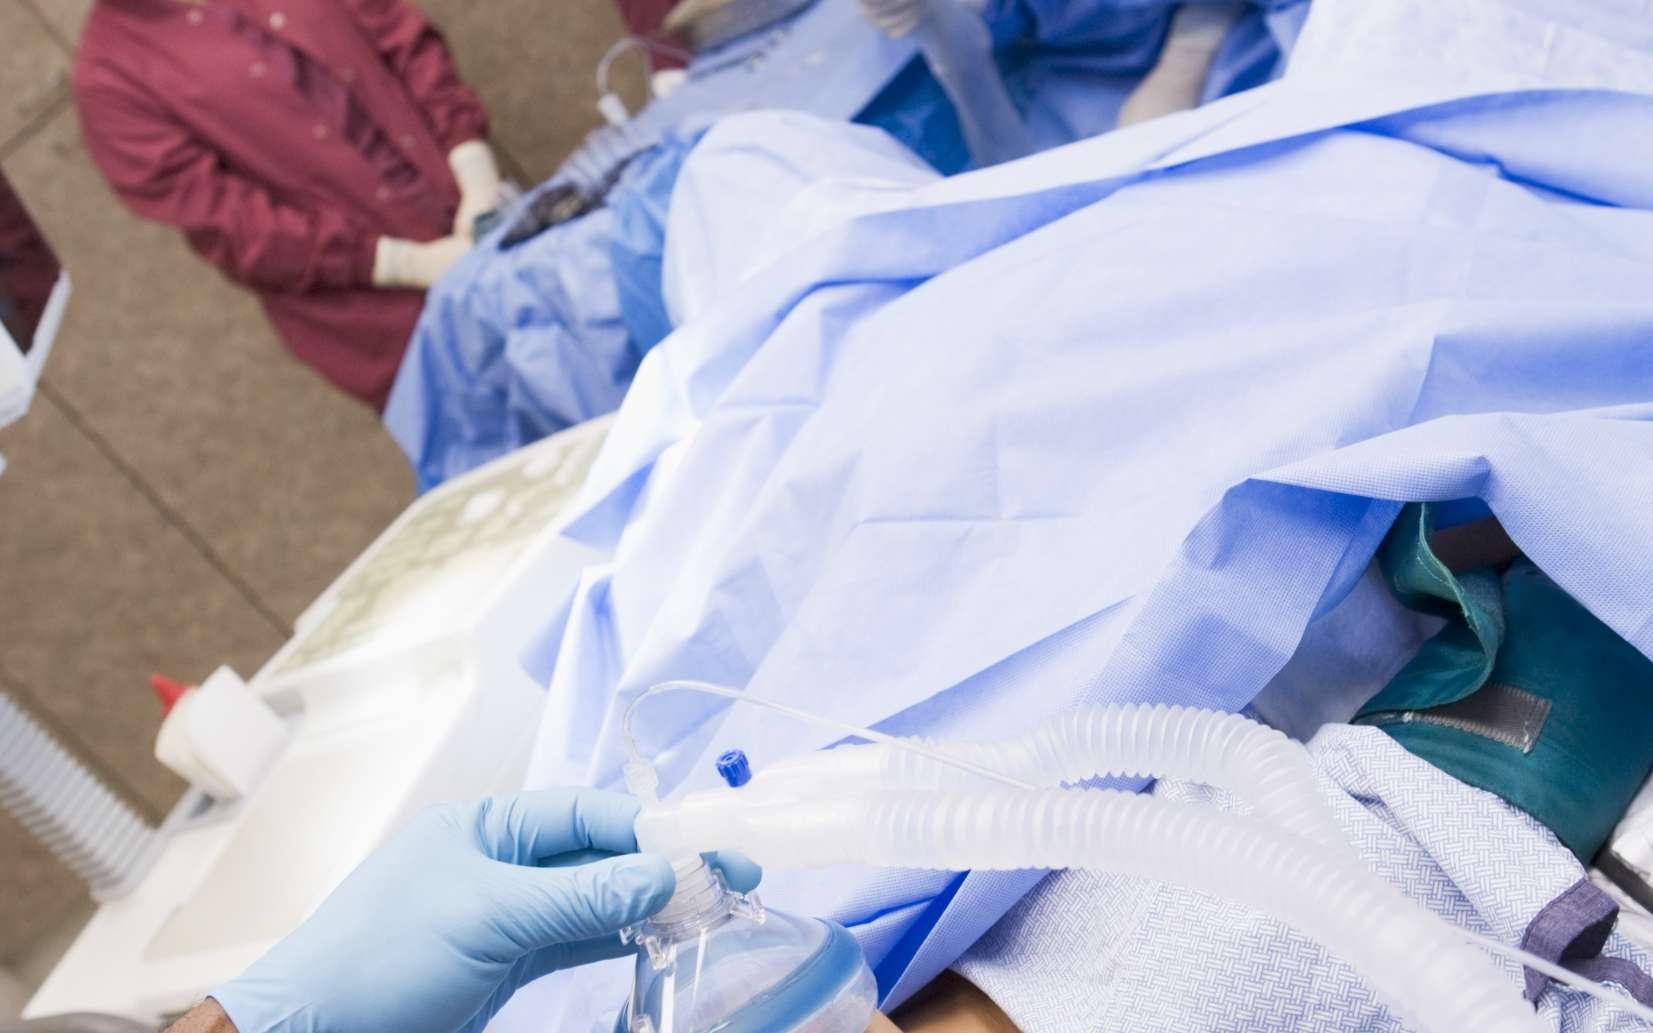 Les narcotiques servent à endormir le patient avant certaines opérations chirurgicales. © Phovoir